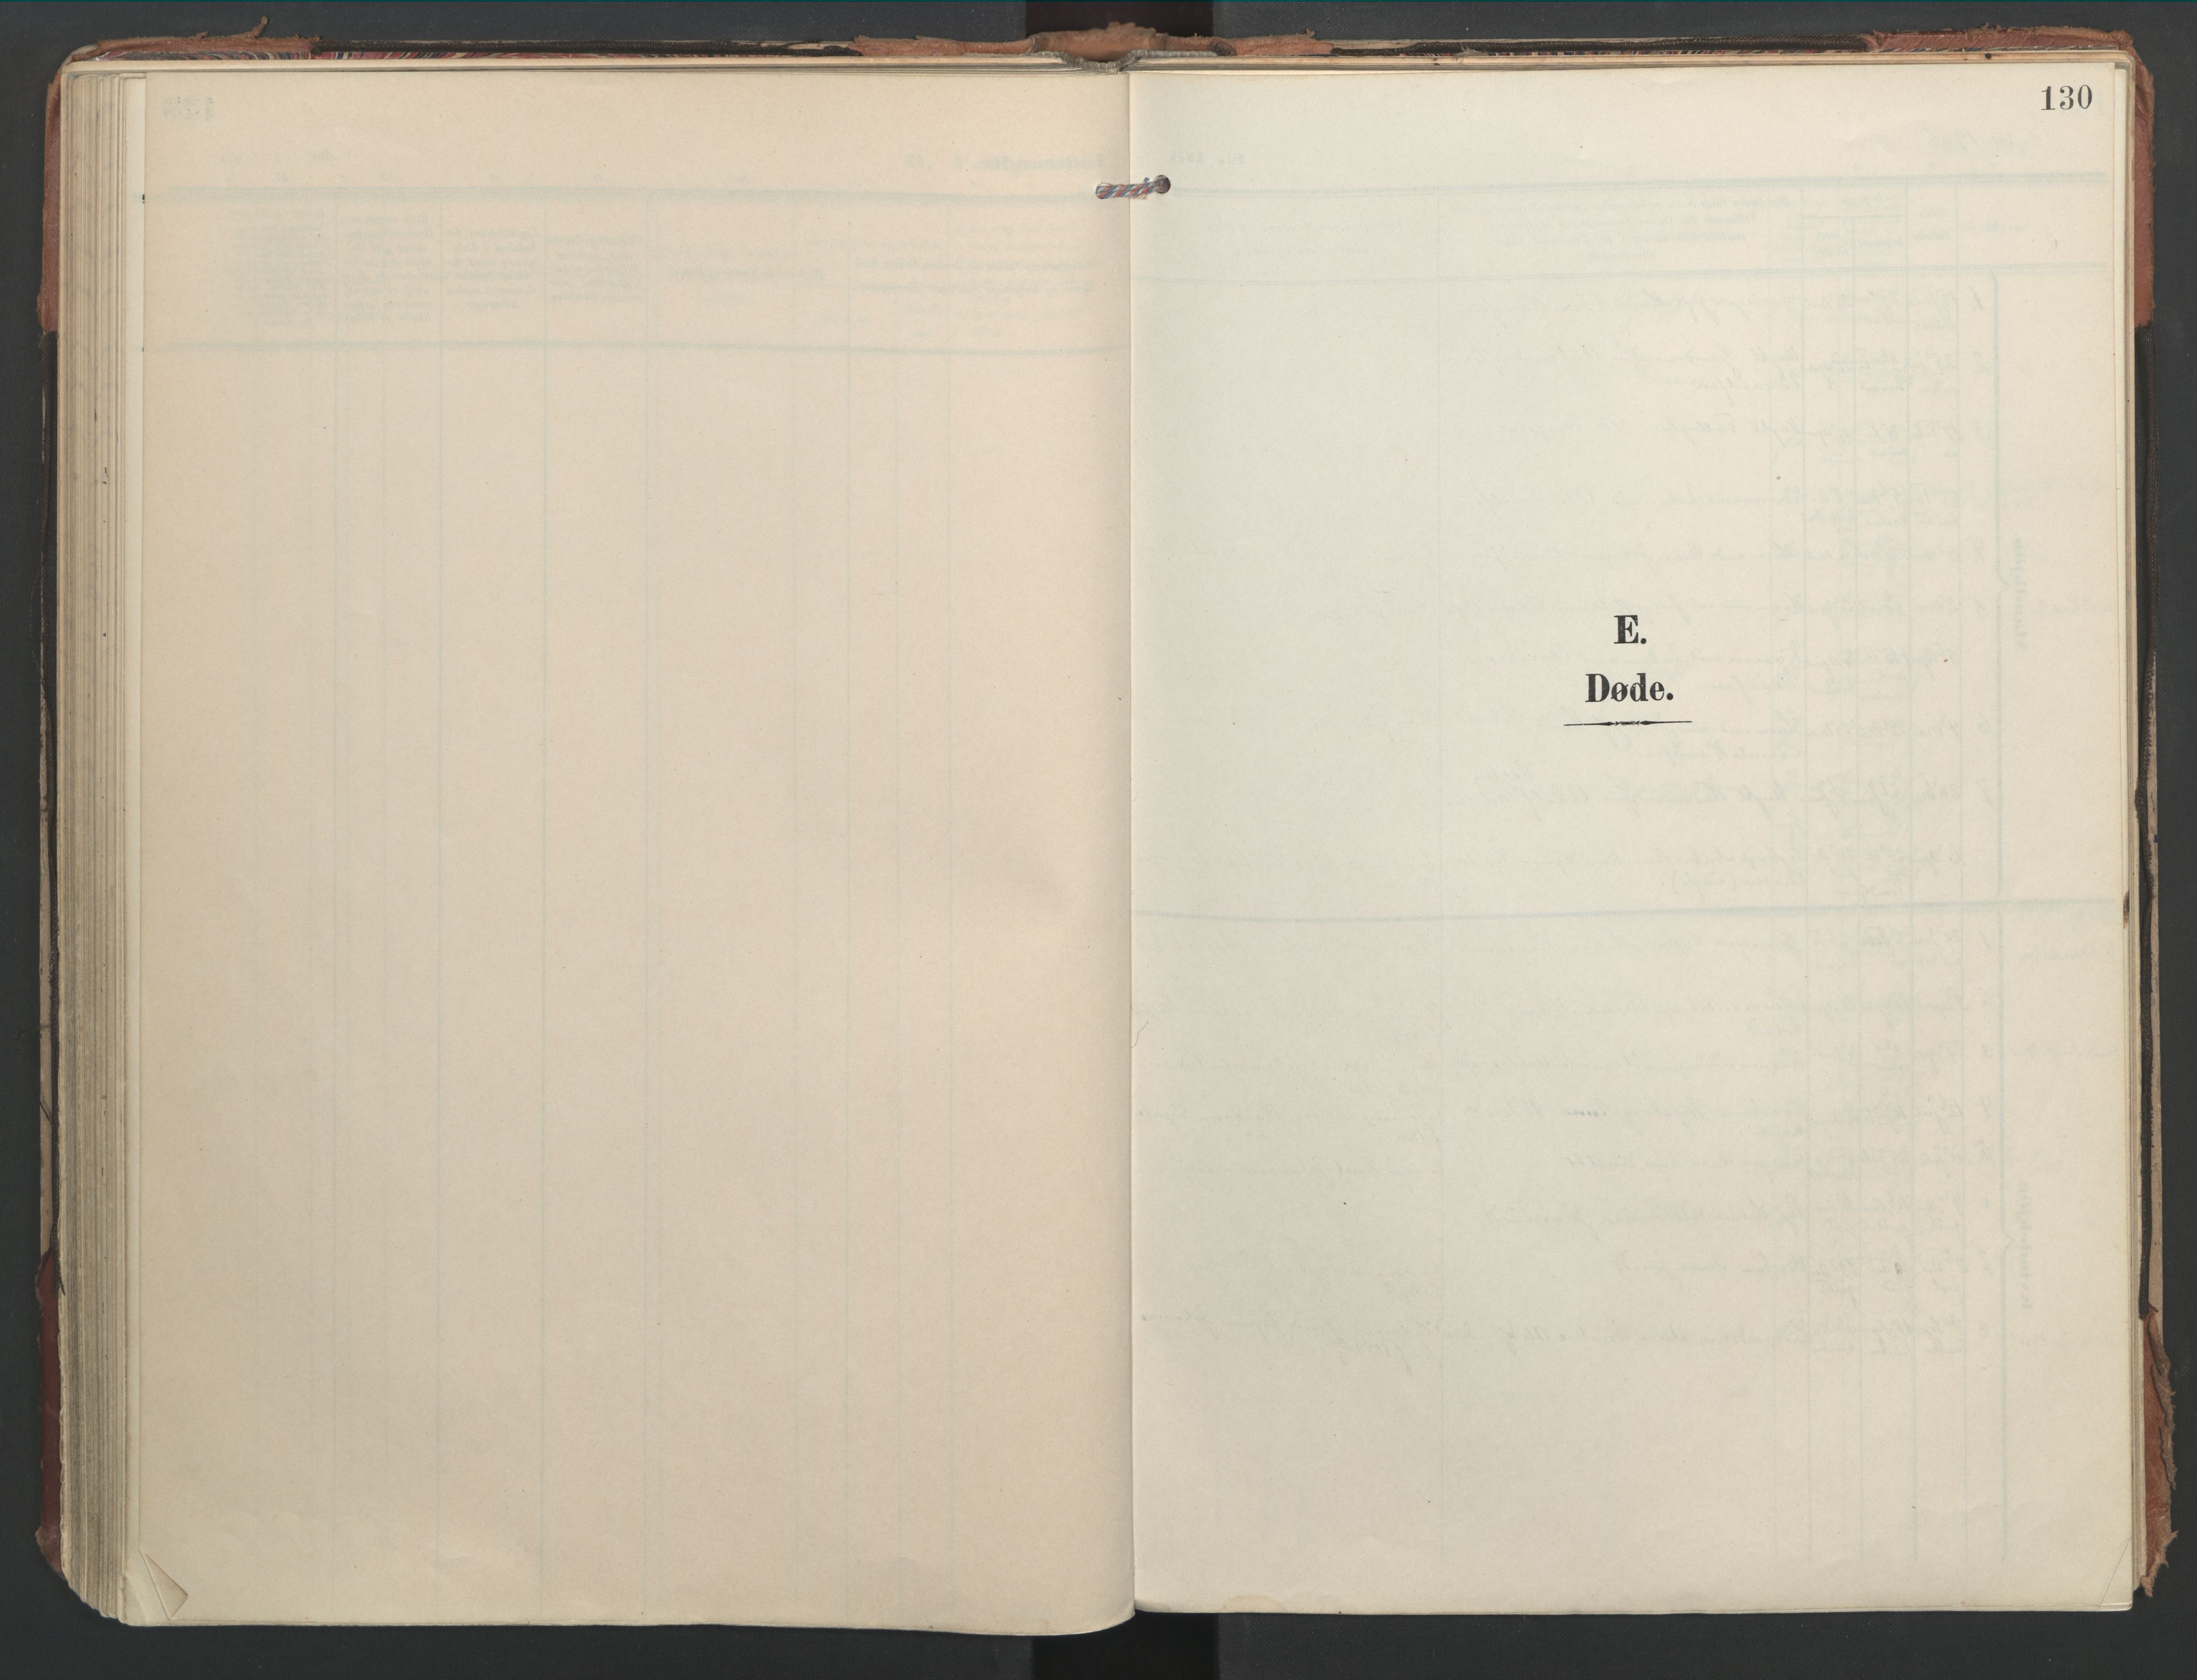 SAT, Ministerialprotokoller, klokkerbøker og fødselsregistre - Nord-Trøndelag, 744/L0421: Ministerialbok nr. 744A05, 1905-1930, s. 130